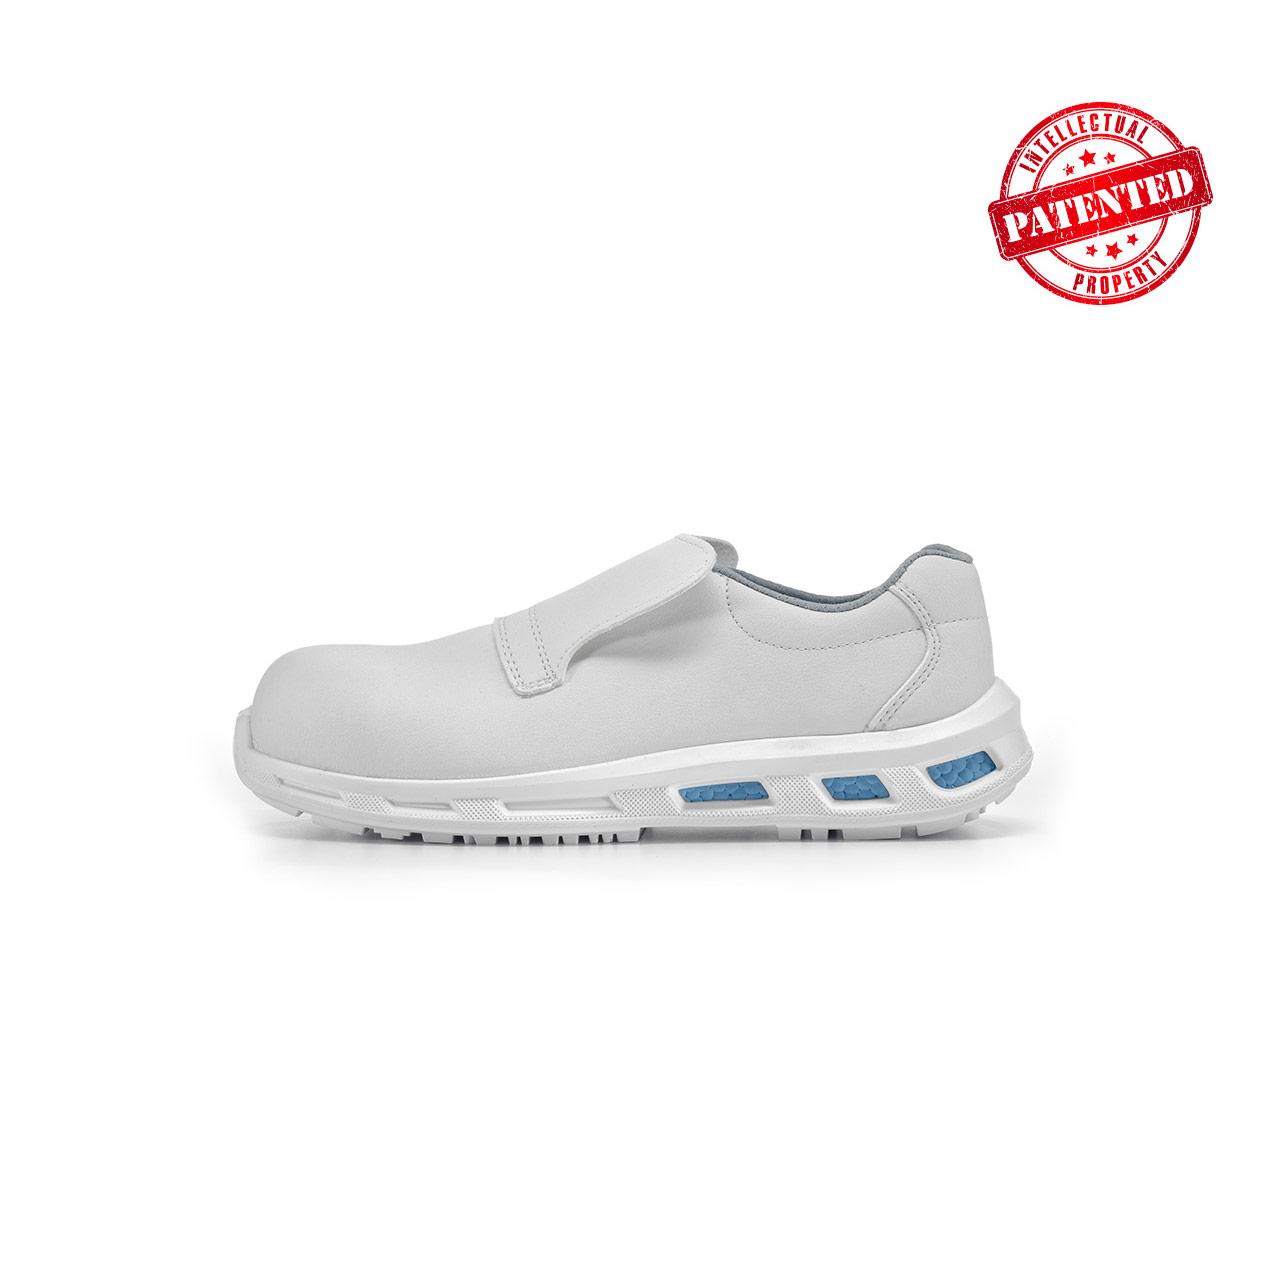 calzatura da lavoro upower modello blanco linea redlion vista lato sinistra